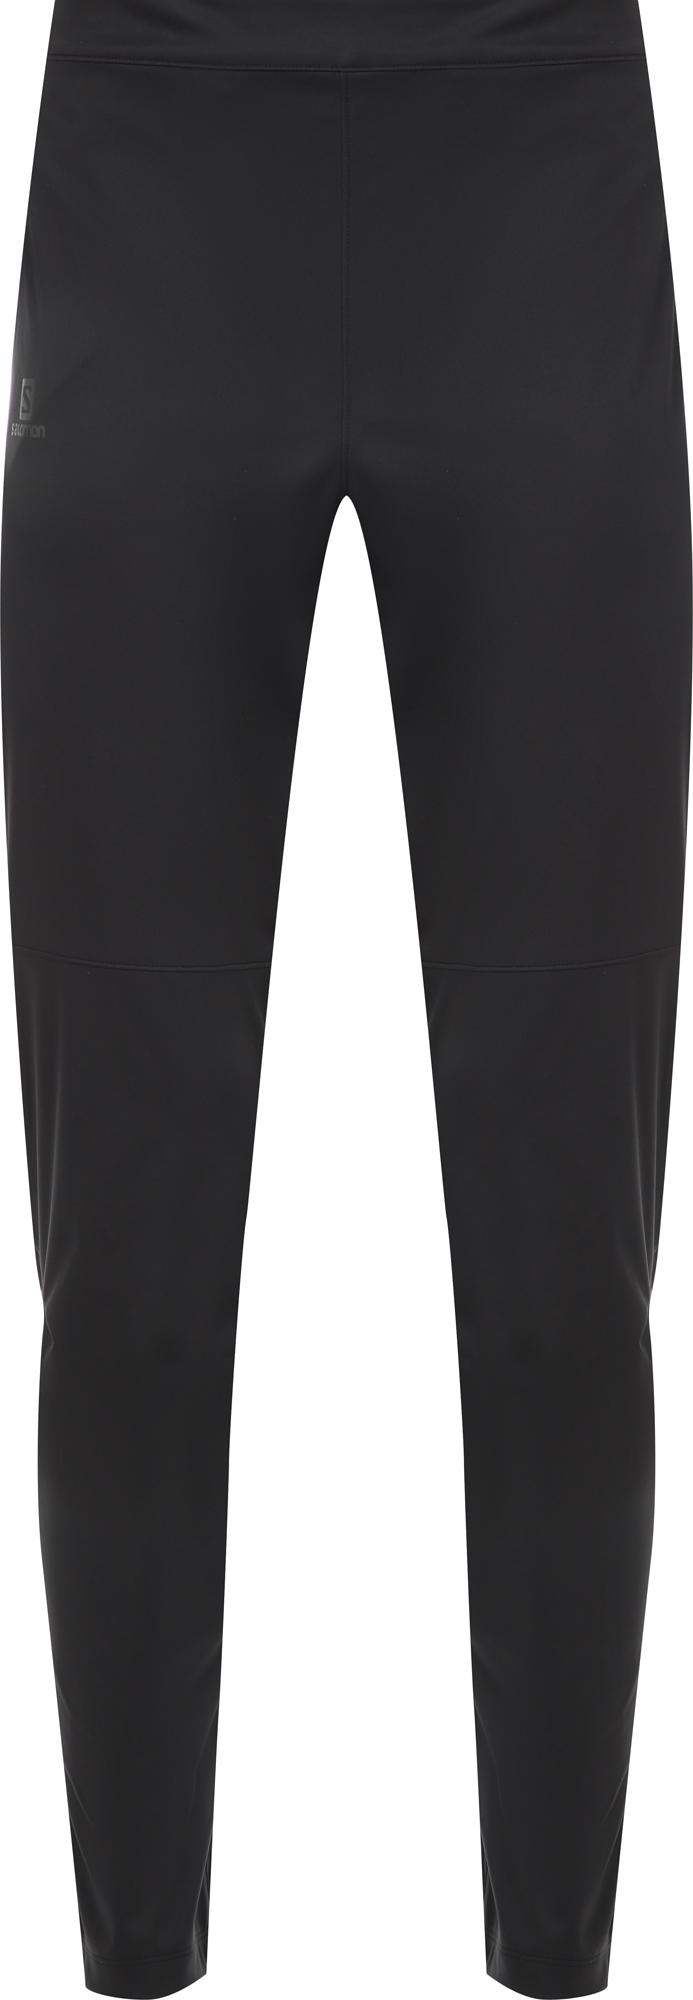 Salomon Брюки мужские Salomon, размер 44-46 брюки salomon salomon response женские